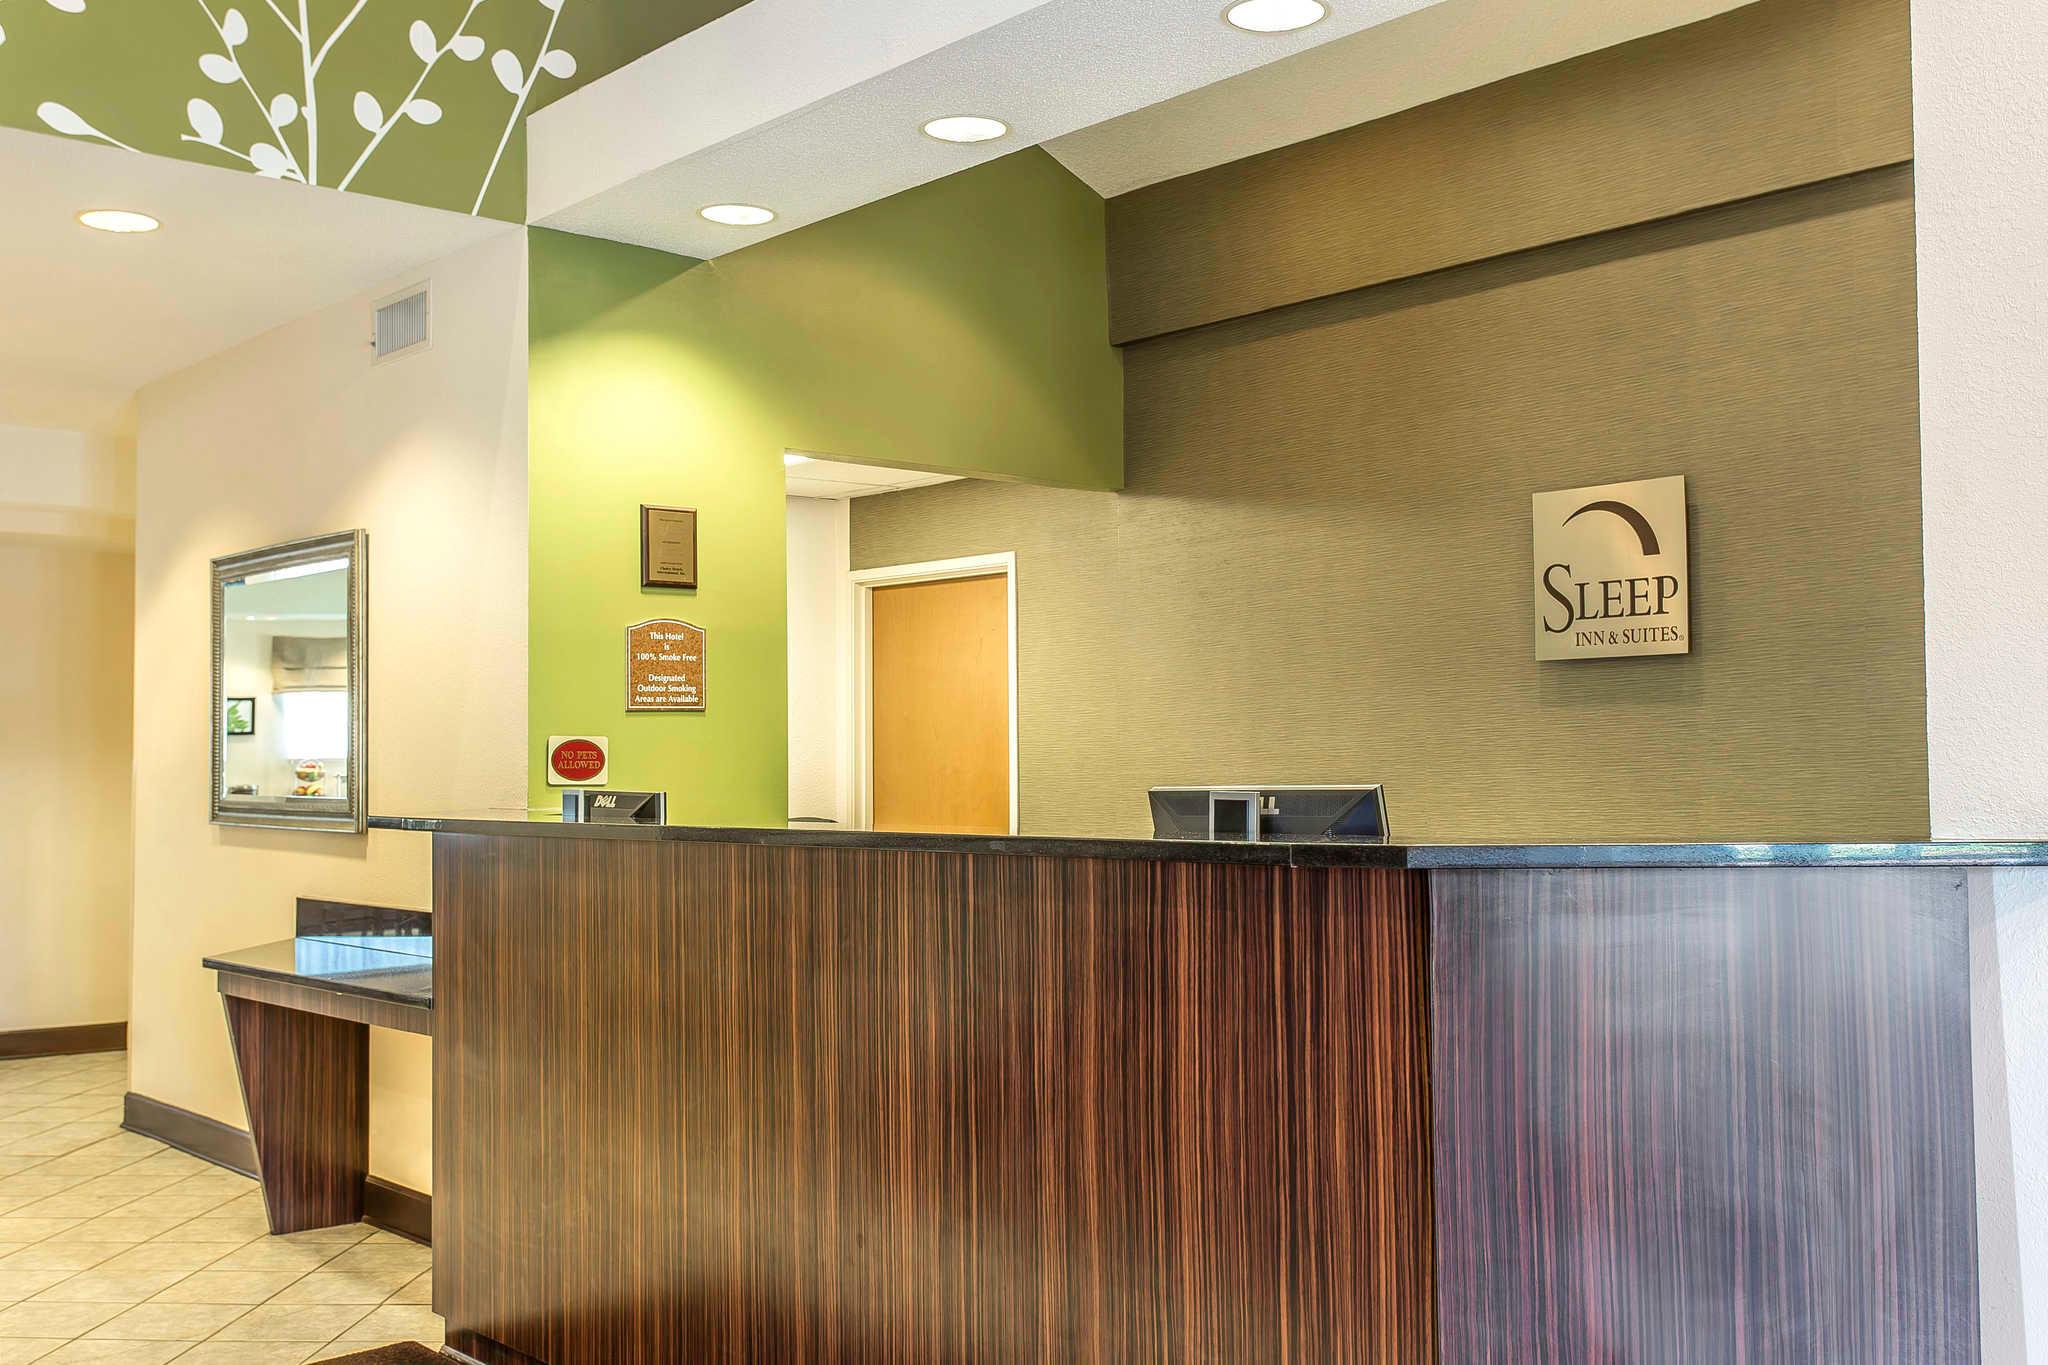 Sleep Inn & Suites image 4